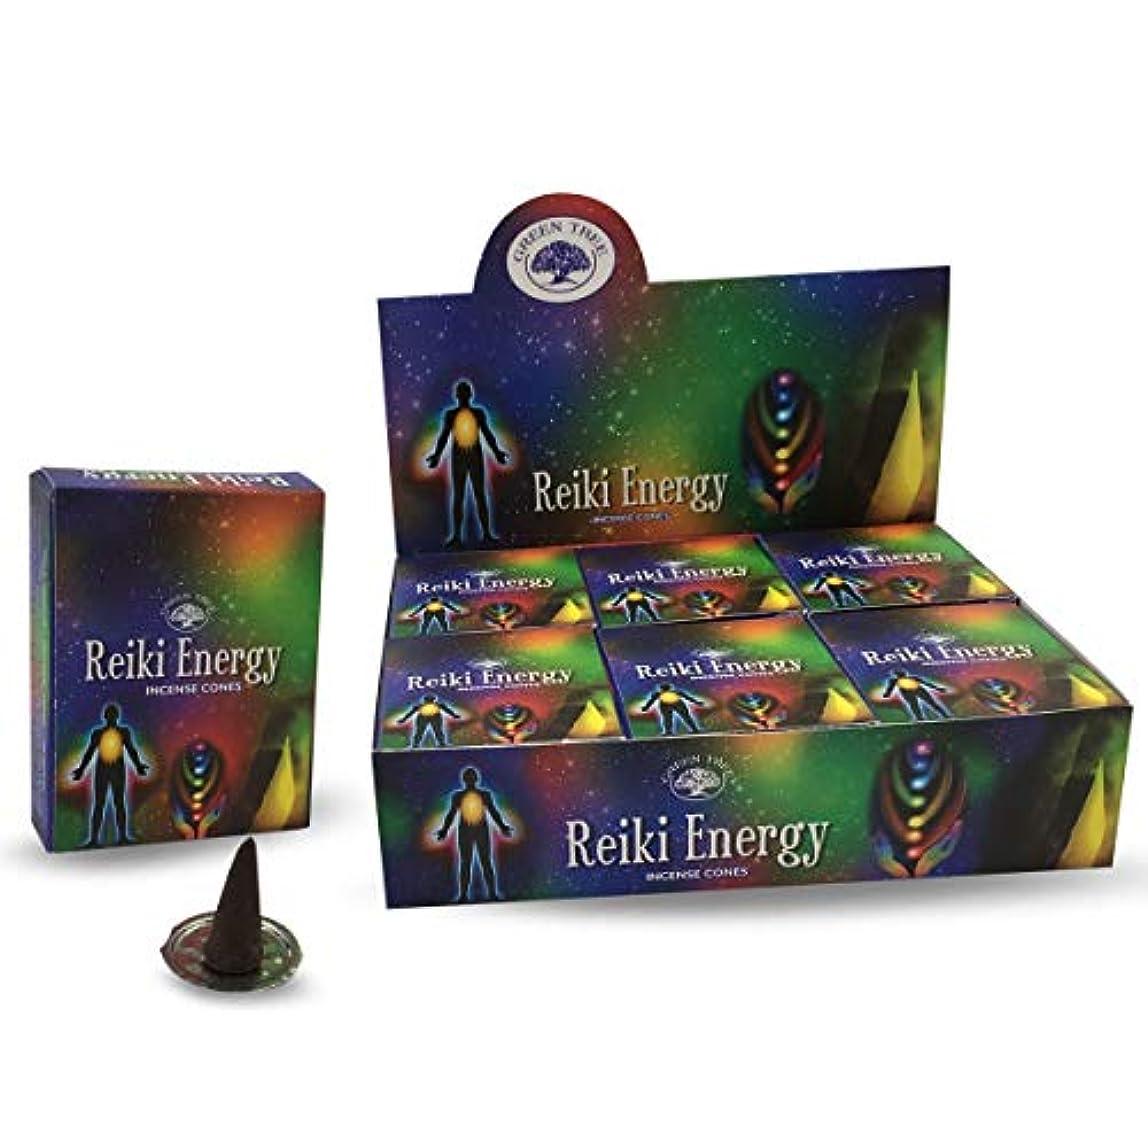 分類絶壁本体グリーンツリーレイキエネルギー自然Masala Incense Cones 12ボックスof 10